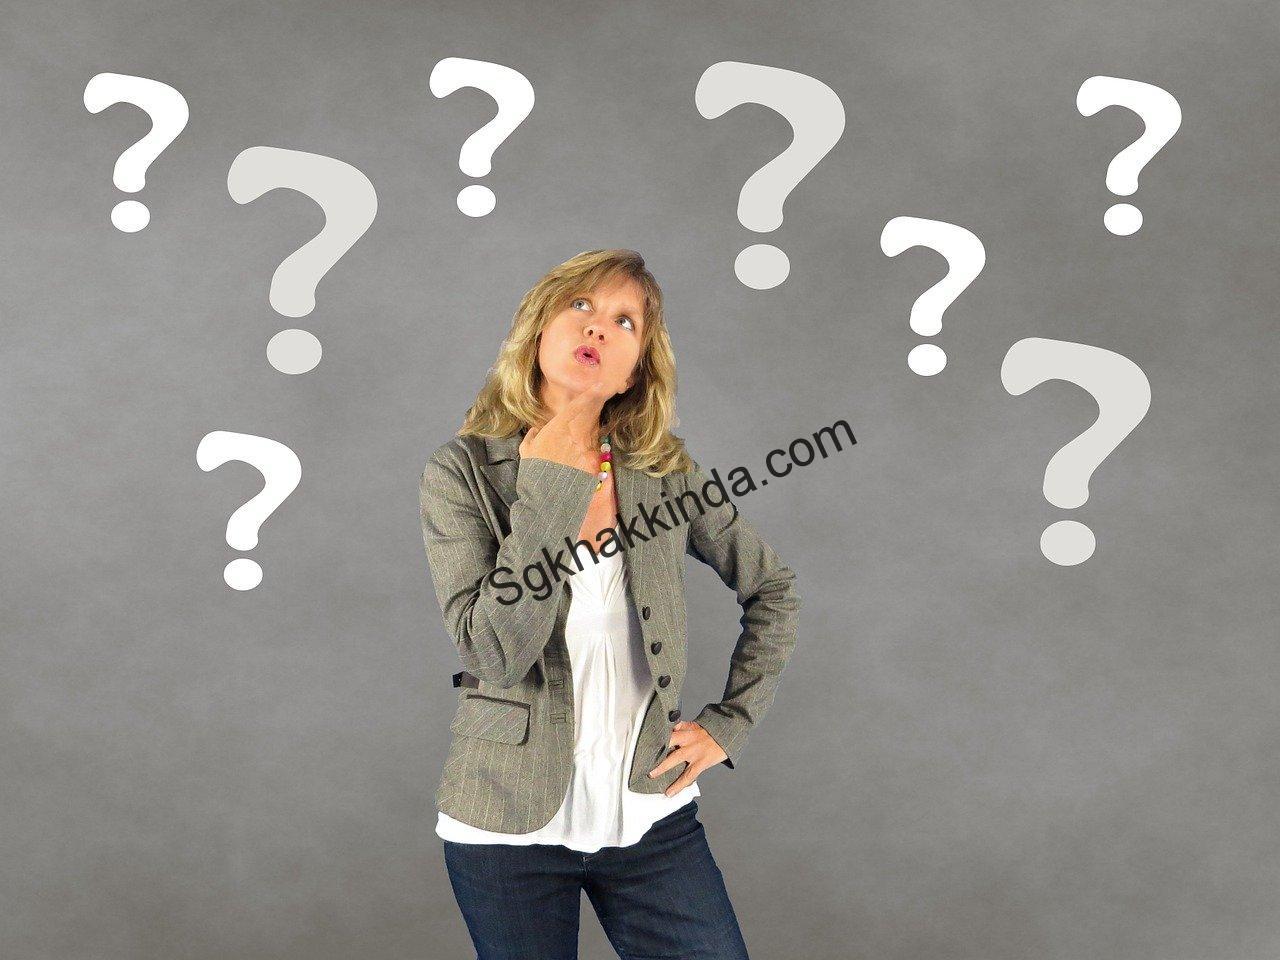 soru işareti 1575015402 - Yol ve yemek yardımı kıdem tazminatına dahil mi?